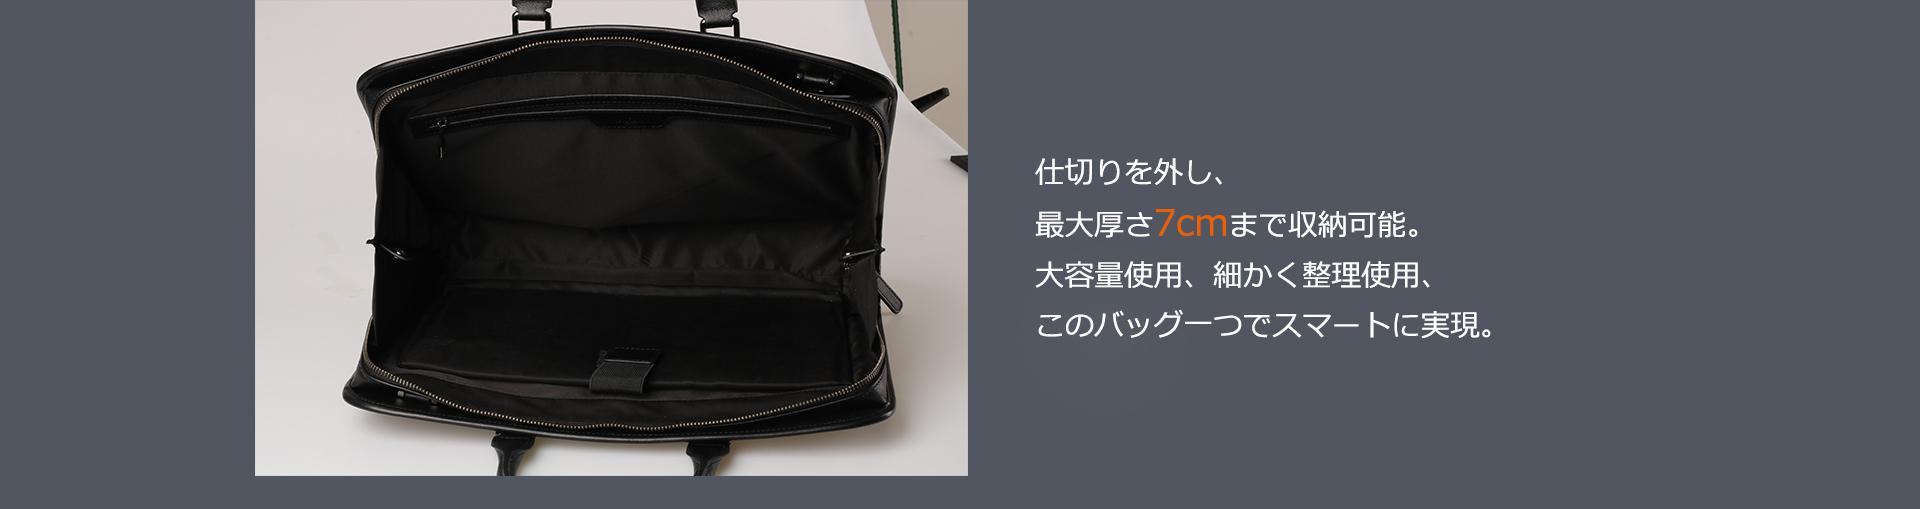 仕切りを外し、最大厚さ7cmまで収納可能。大容量の使用、細かく整理した使用、このバッグ一つでスマートに実現。